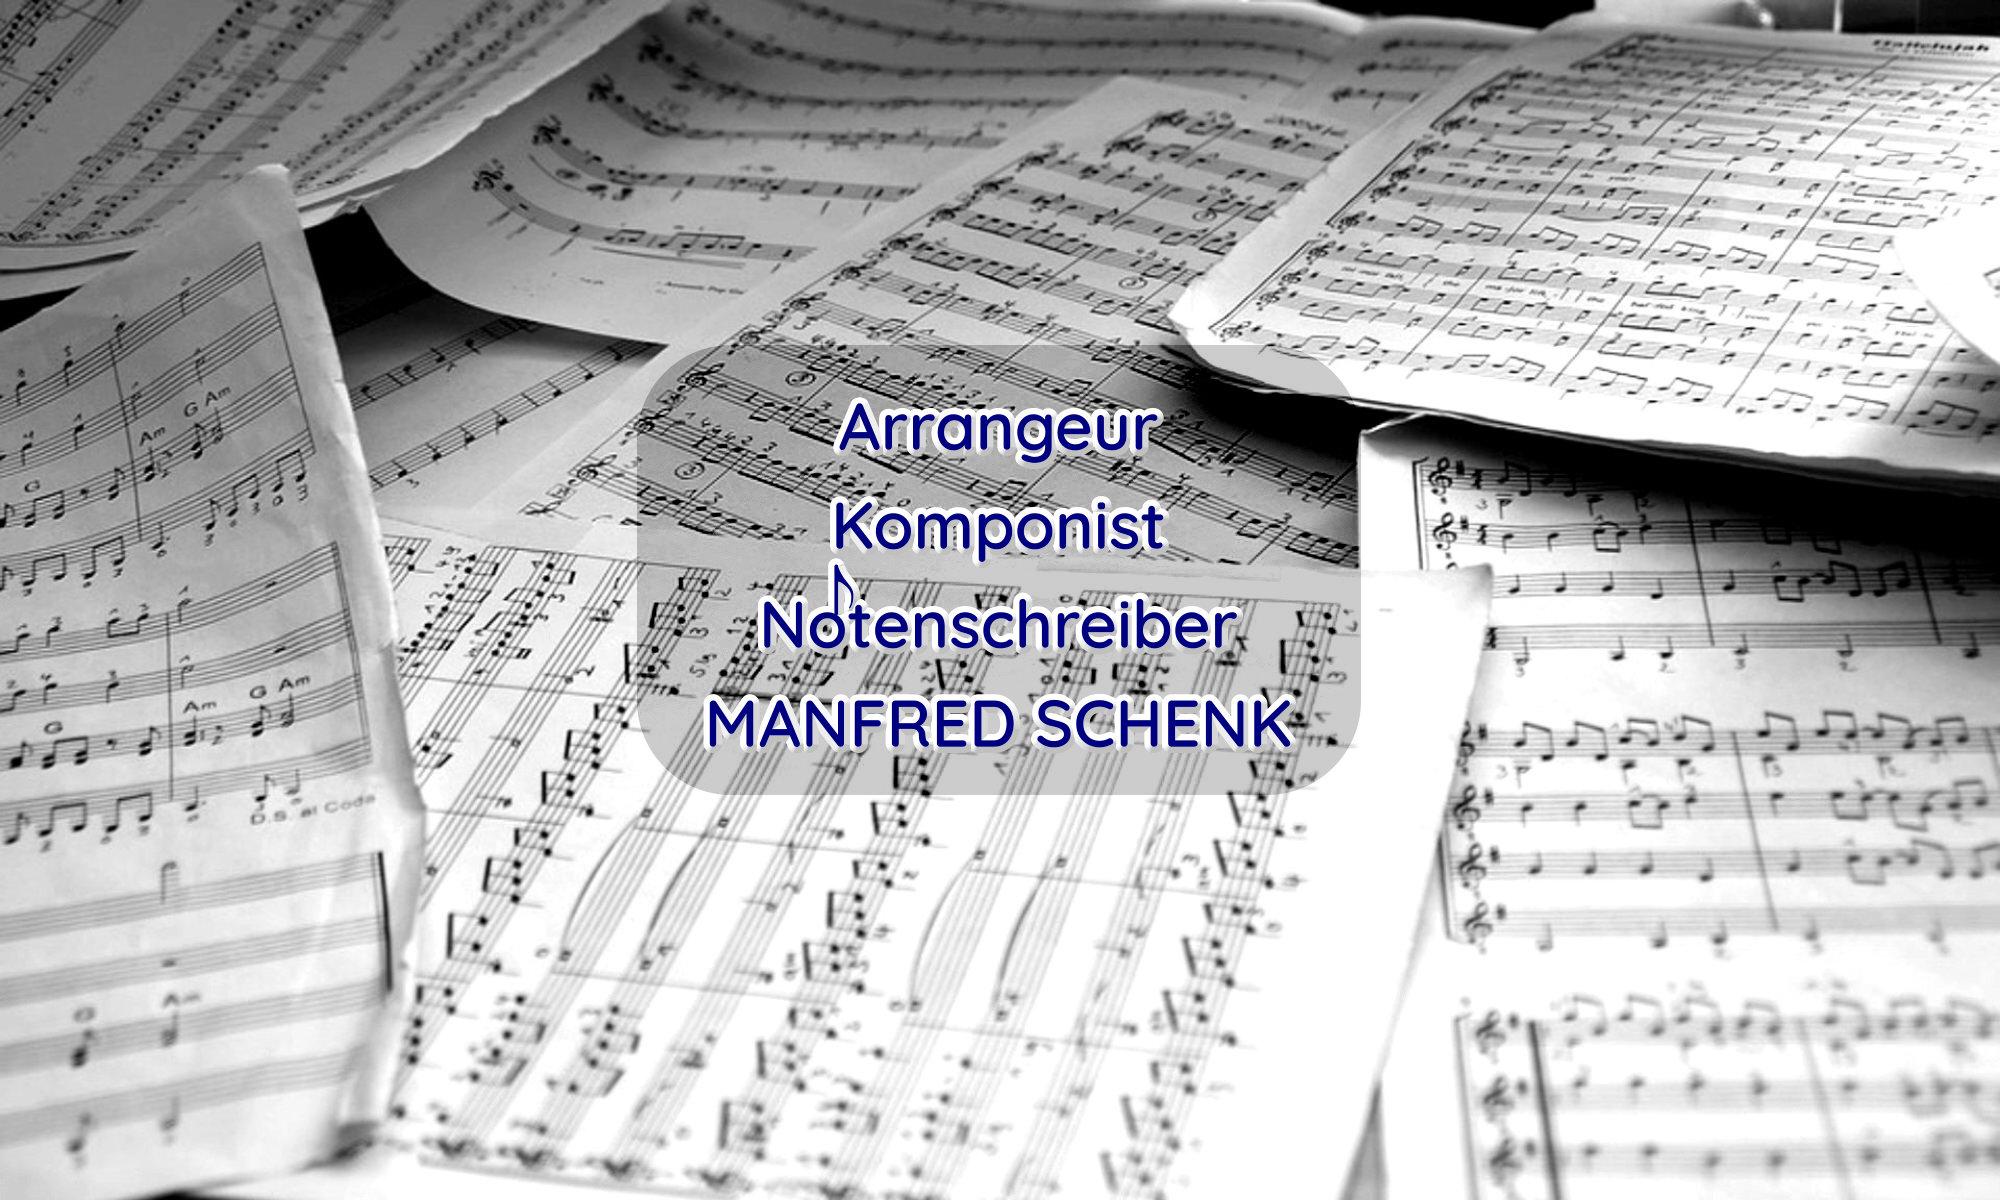 Arrangeur, Komponist, Notenschreiber Manfred Schenk